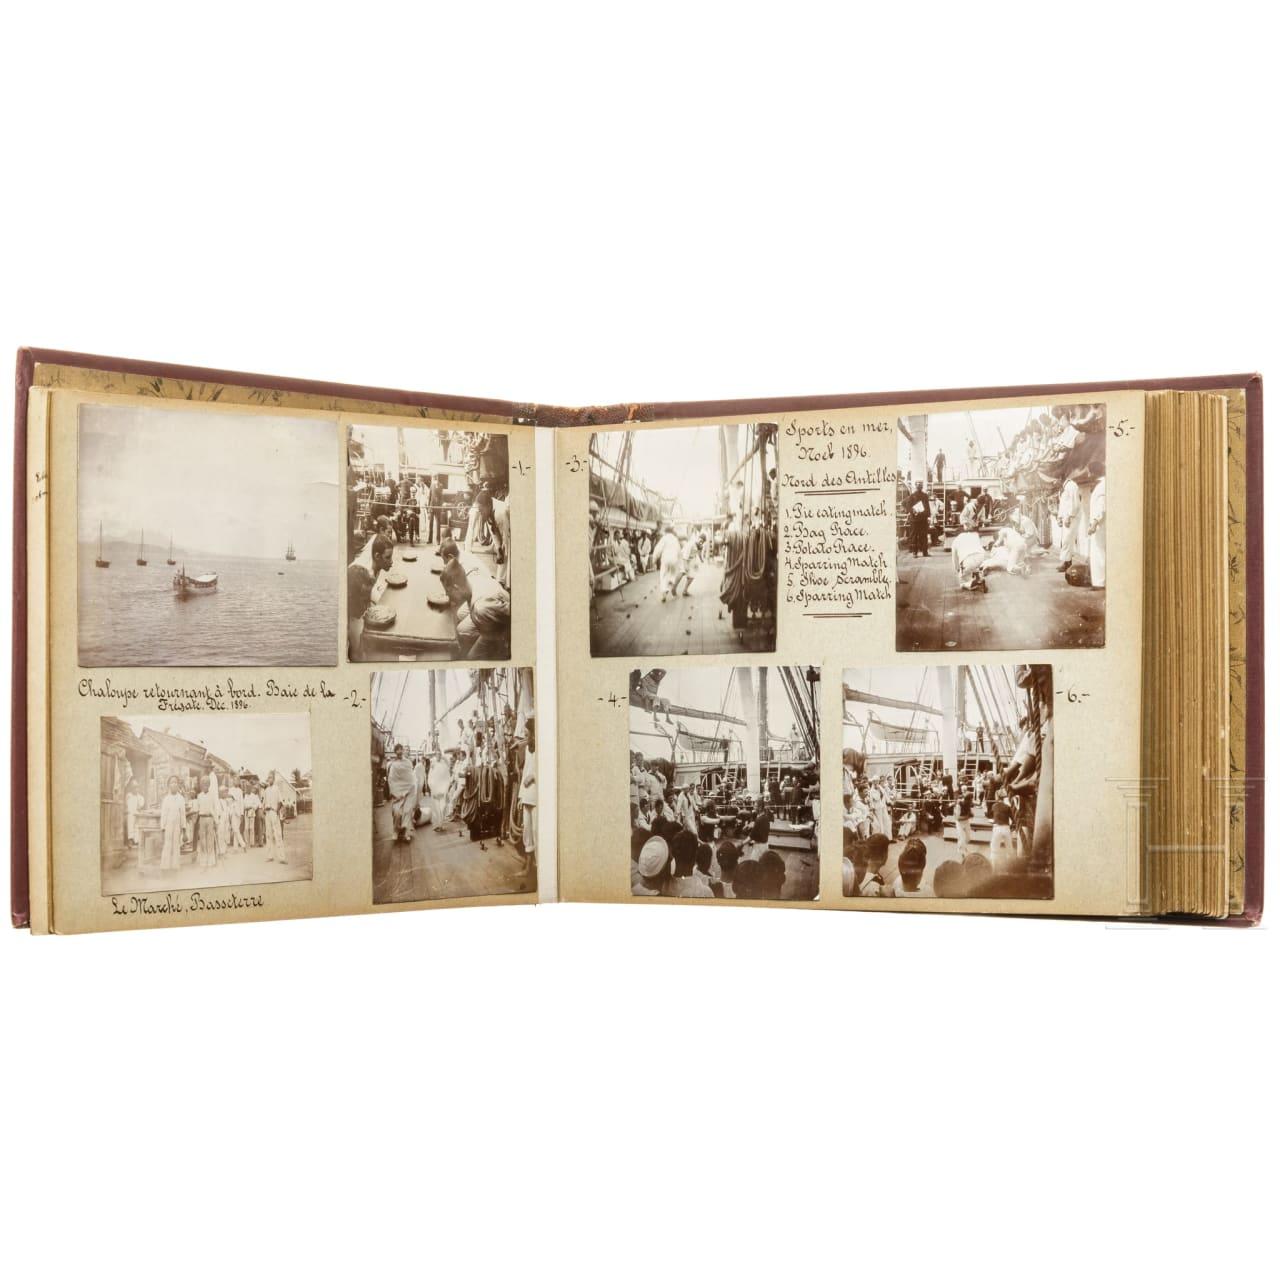 Fotoalbum eines Segelschiff-Matrosen der US-Navy, datiert 1896 - 1899